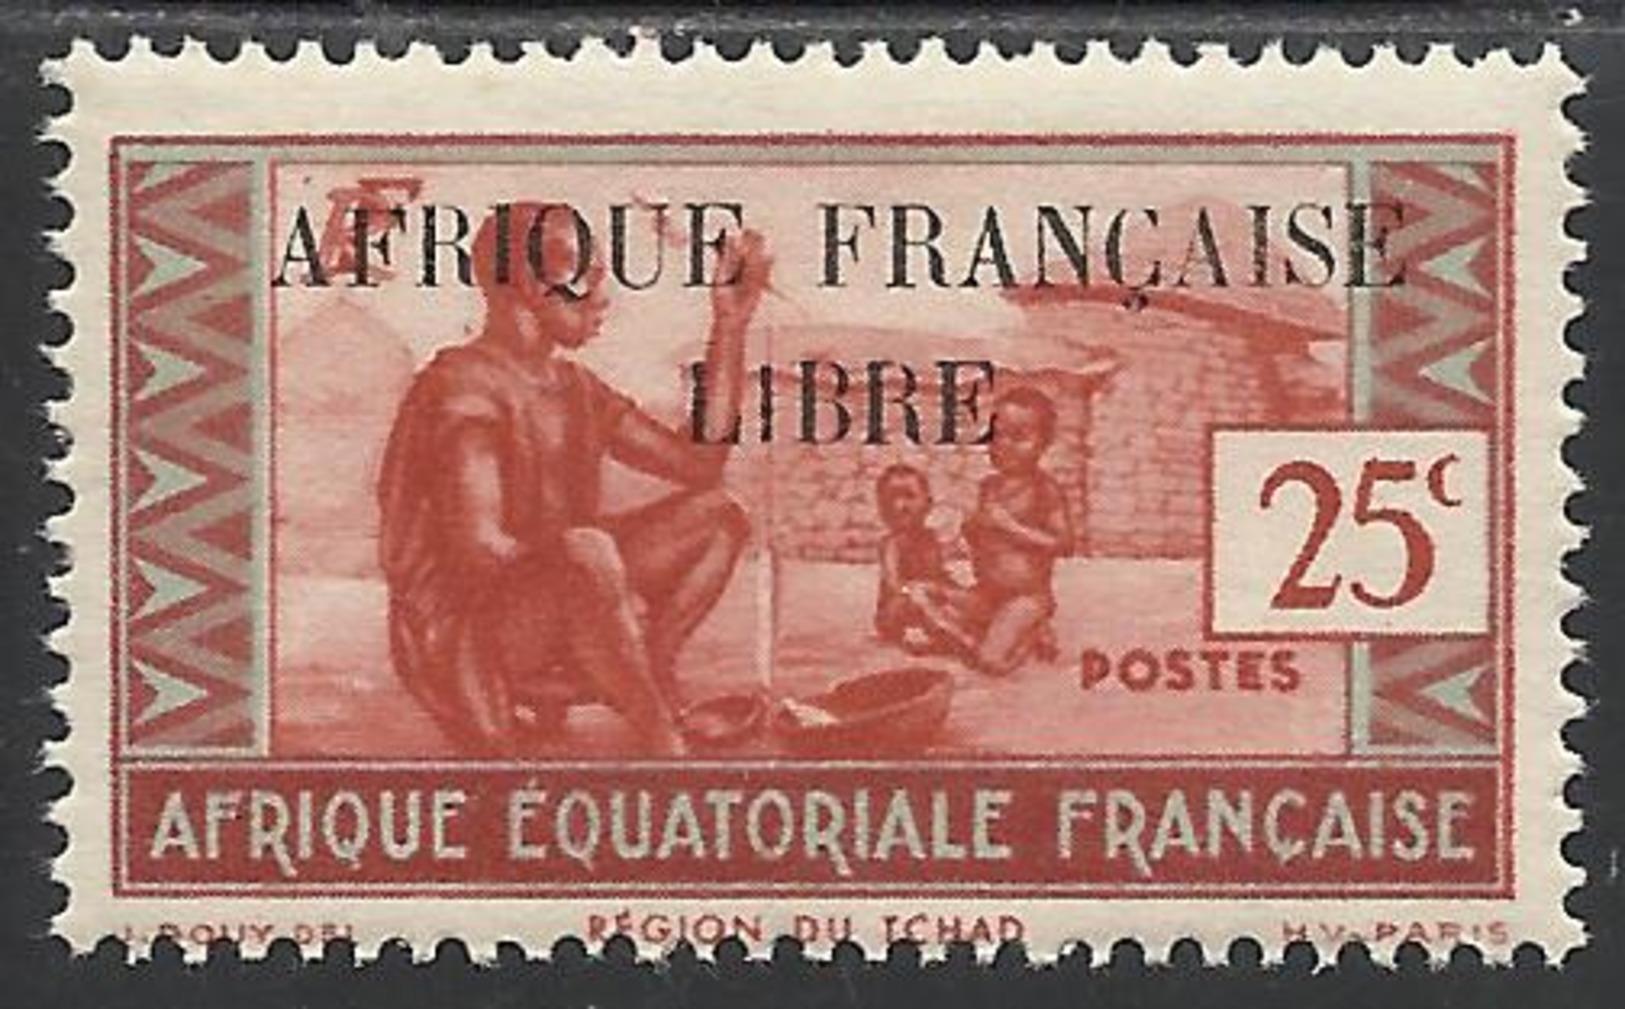 AFRIQUE EQUATORIALE FRANCAISE - AEF - A.E.F. - 1940 - YT 99** - Neufs